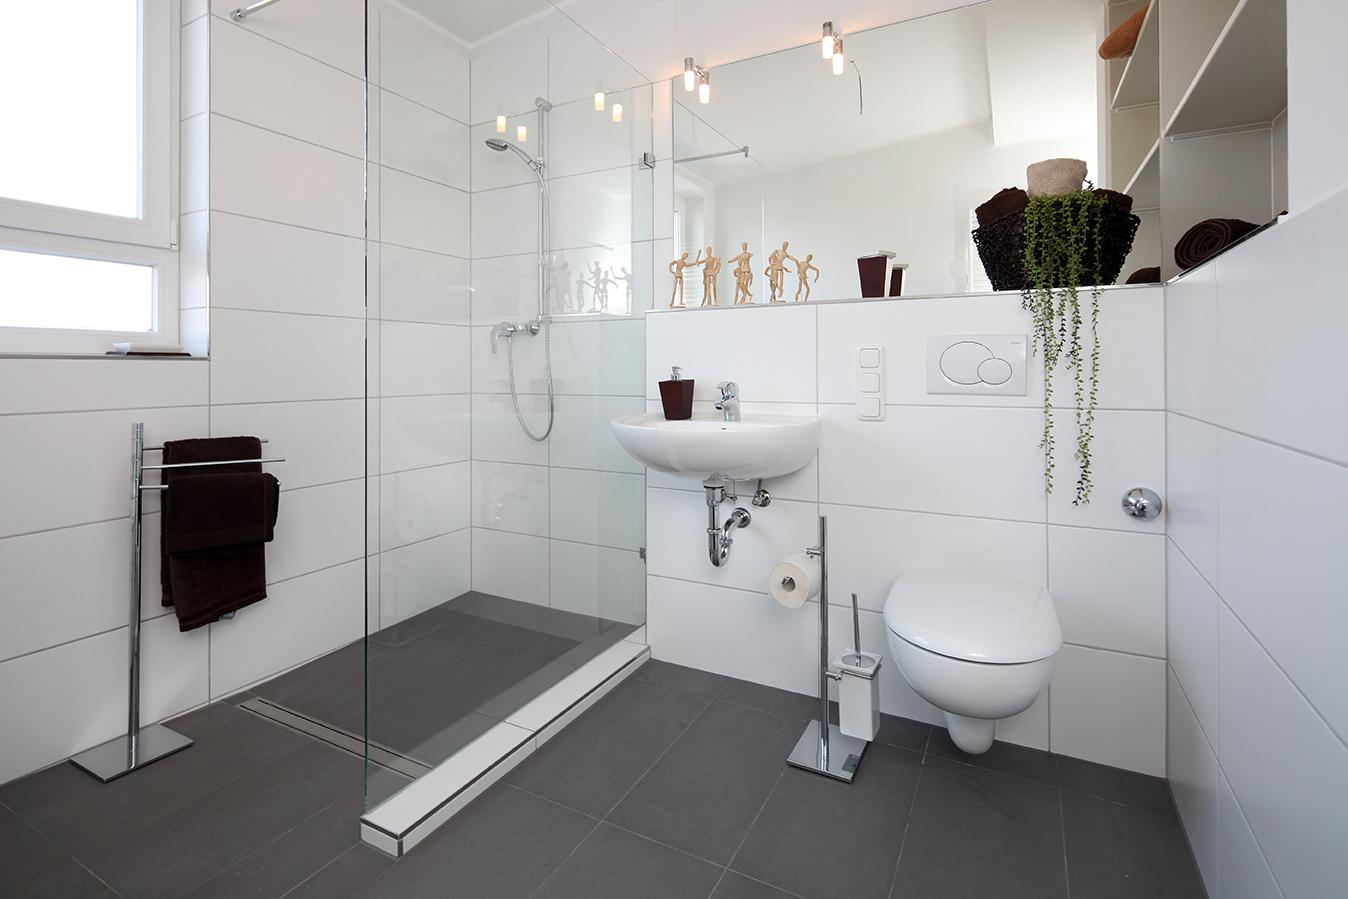 Construire Ou Rénover Sa Salle De Bain - Construire sa salle de bain